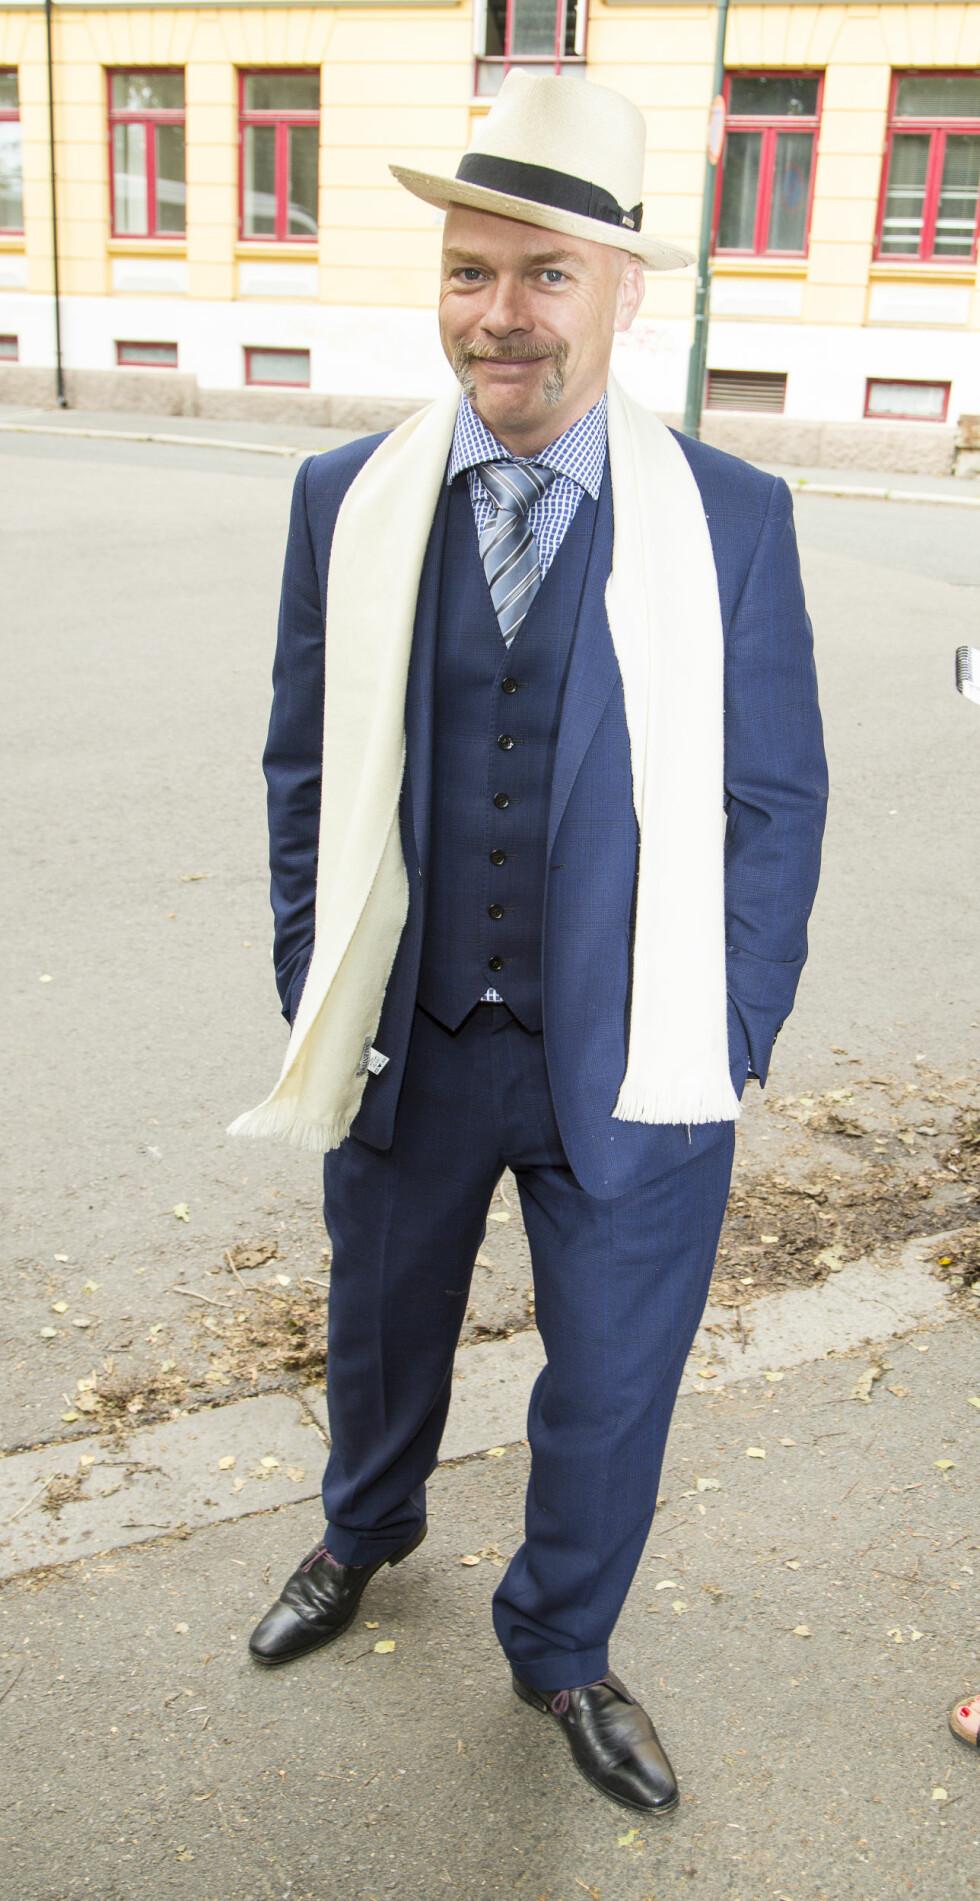 STILIG: Jon Andreas Håtun gikk for sin velkjente, dandy-aktige stil med hatt og penskjerf. Foto: Tor Lindseth